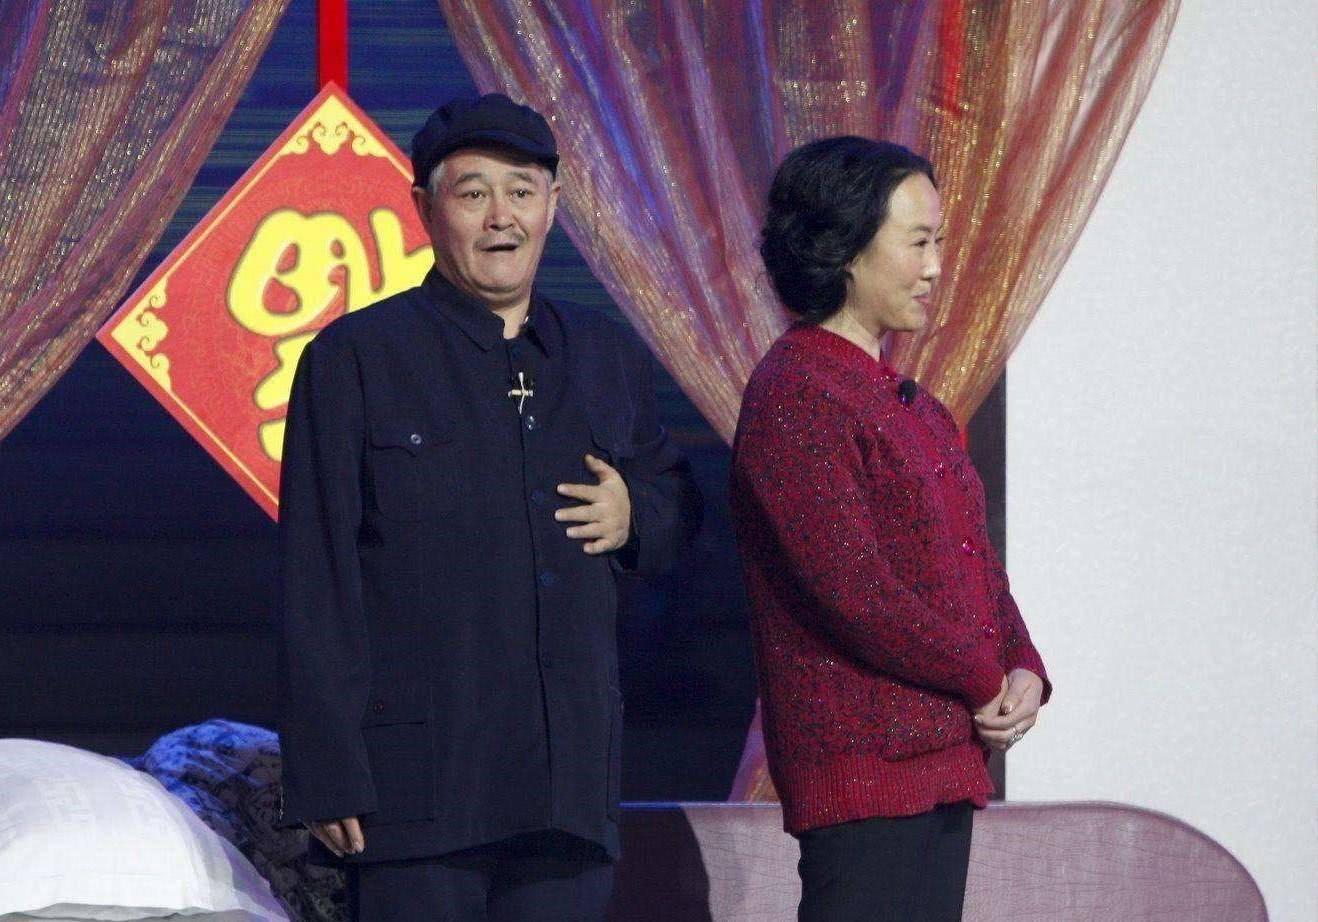 62岁赵本山现身女儿直播间,头发花白显疲态,父女差40岁五官神似